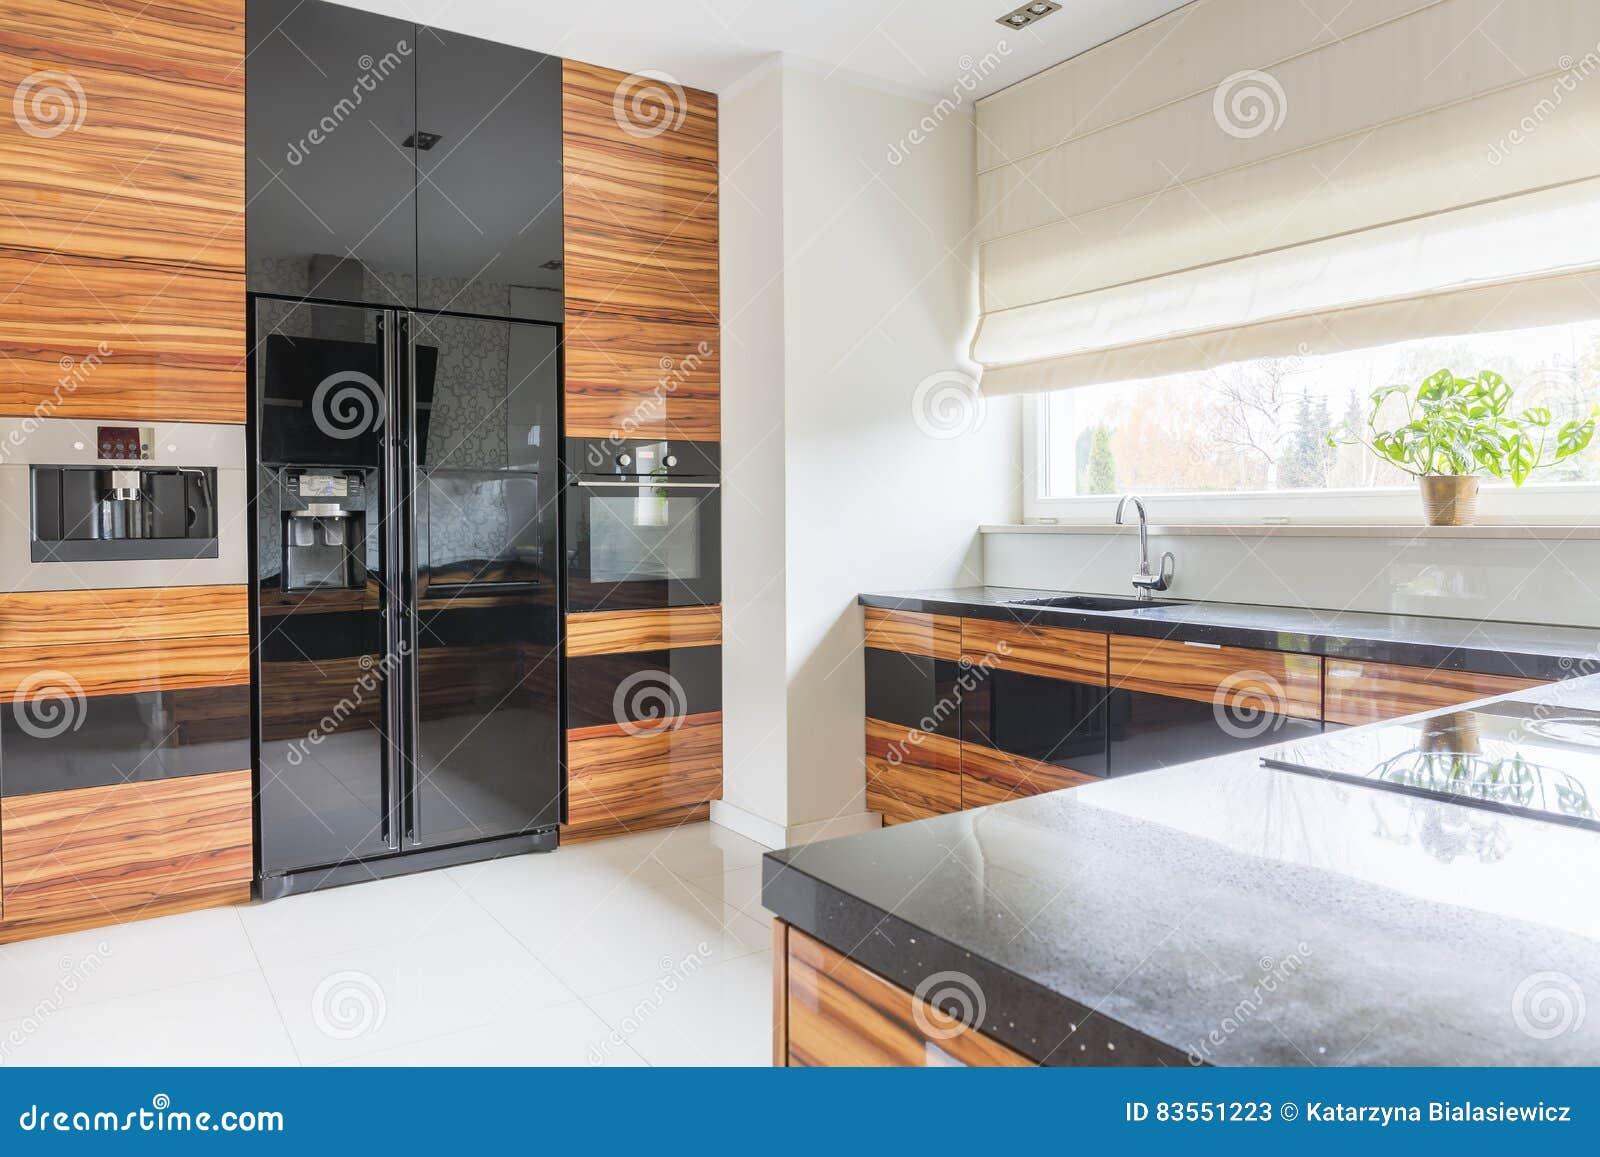 Marmer Zwart Keuken : Keuken met zwart marmer worktop stock afbeelding afbeelding